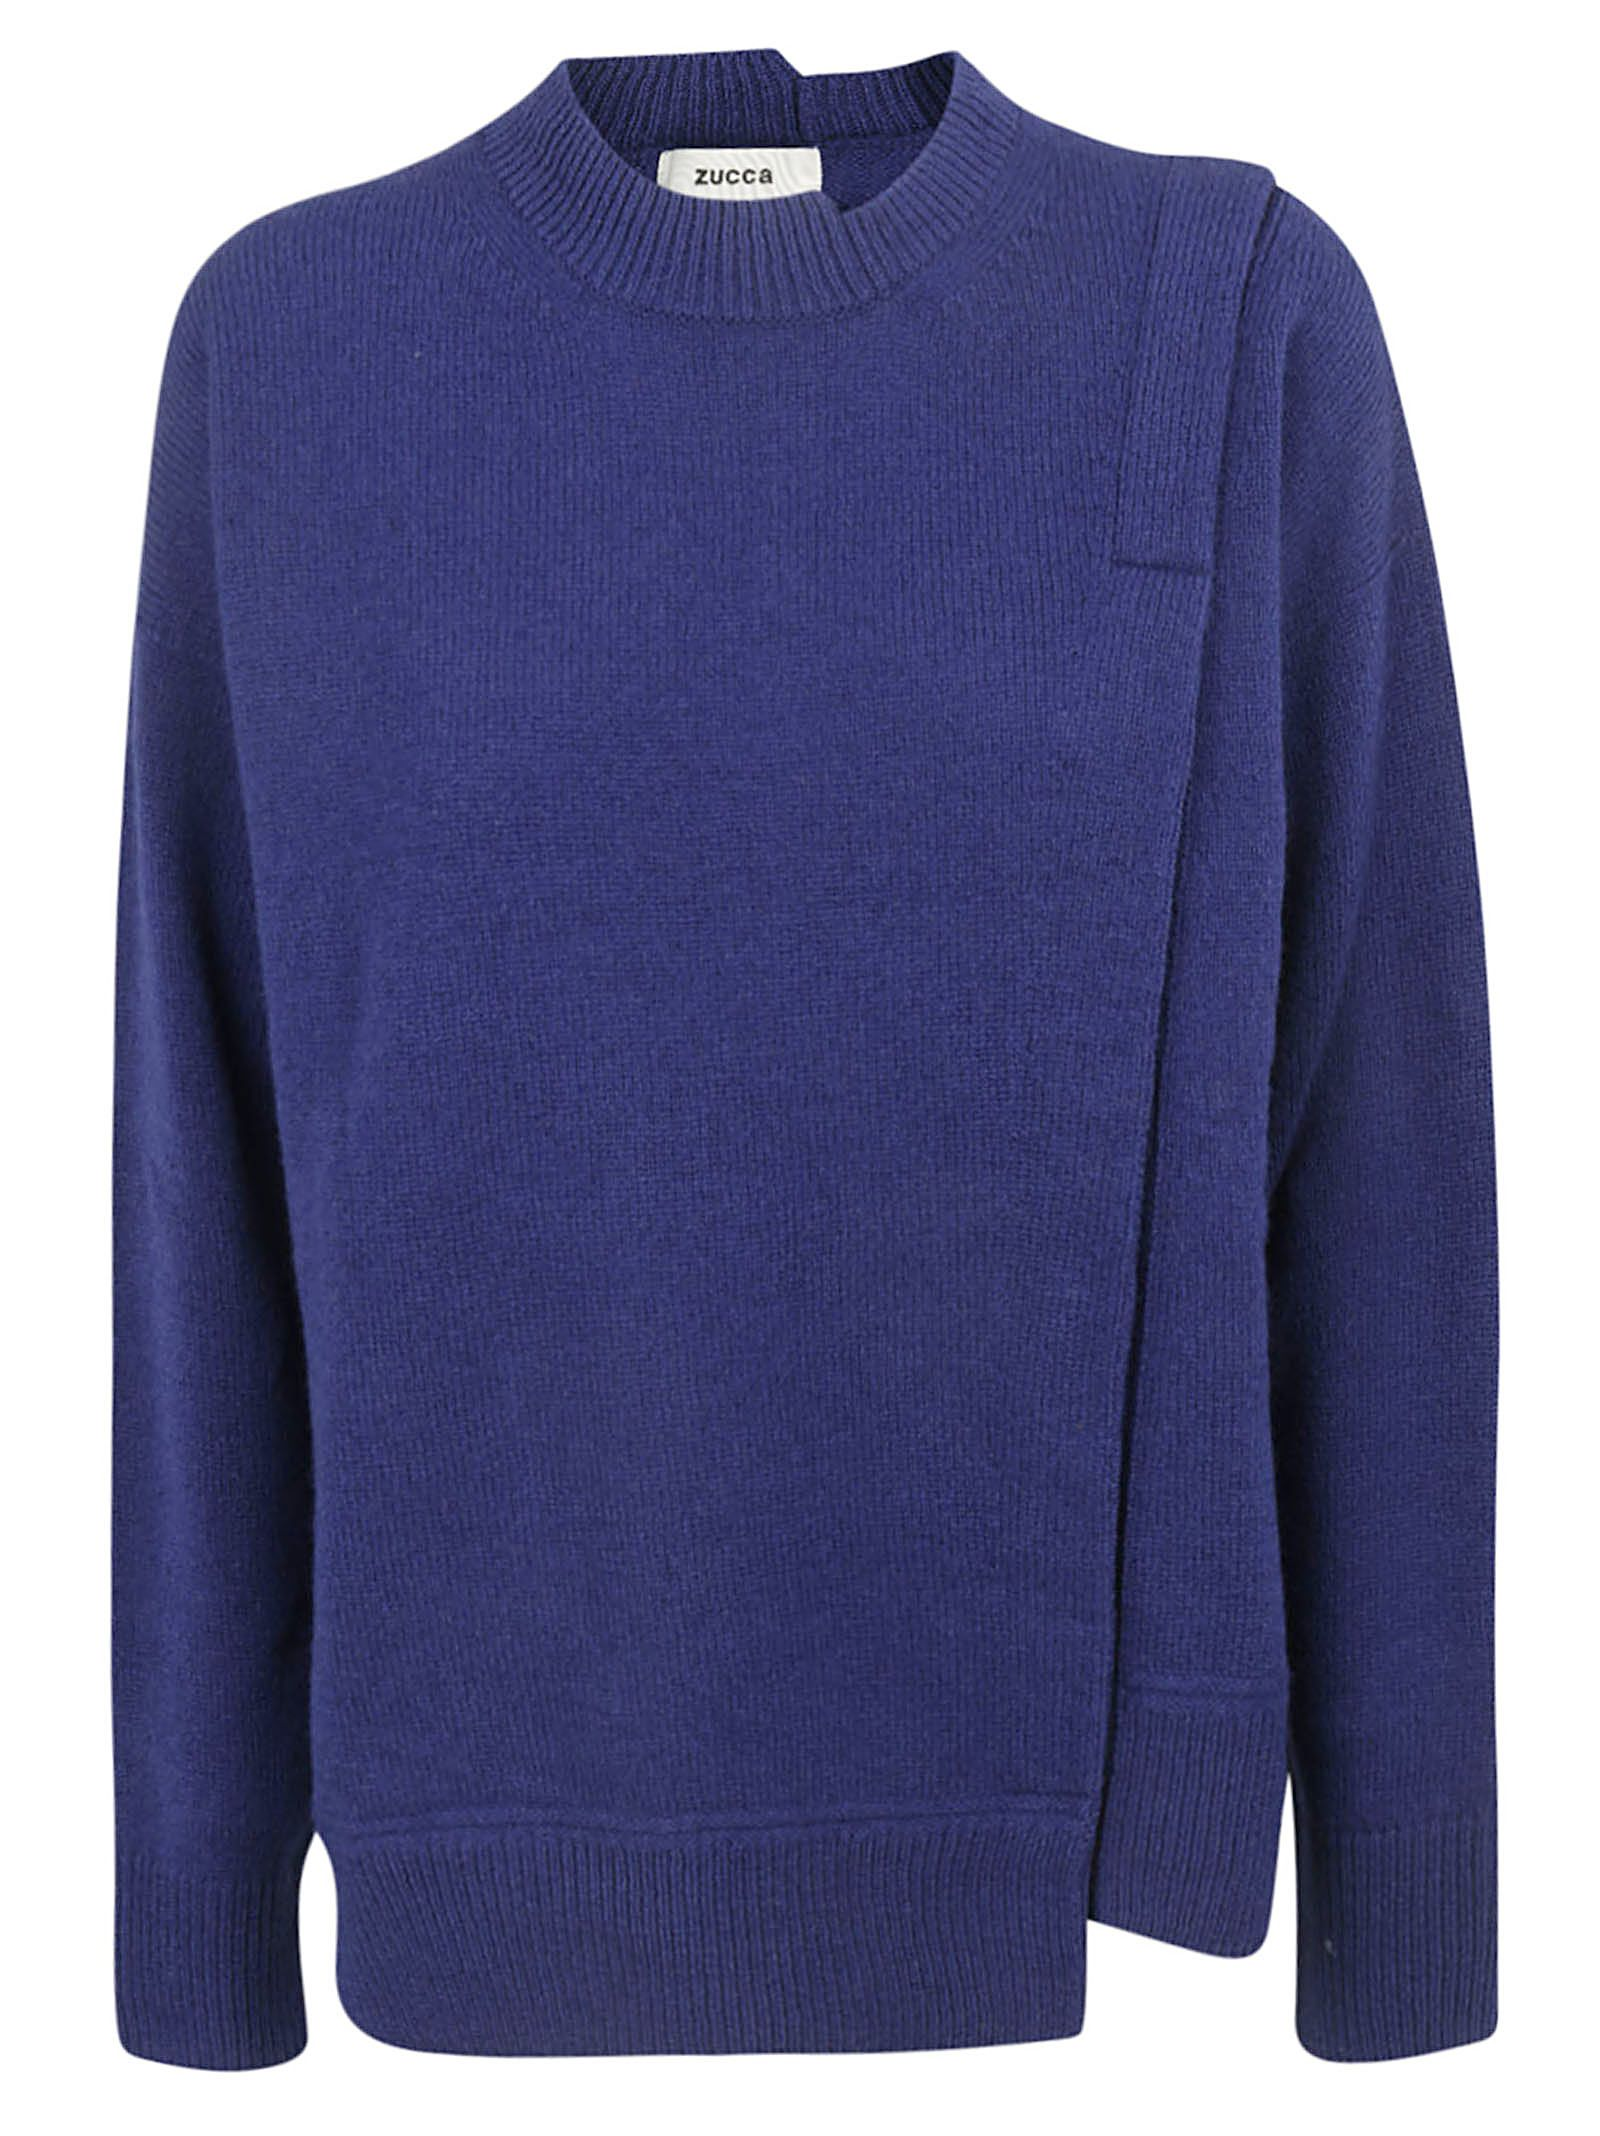 ZUCCA Crew Neck Sweater in Bluette